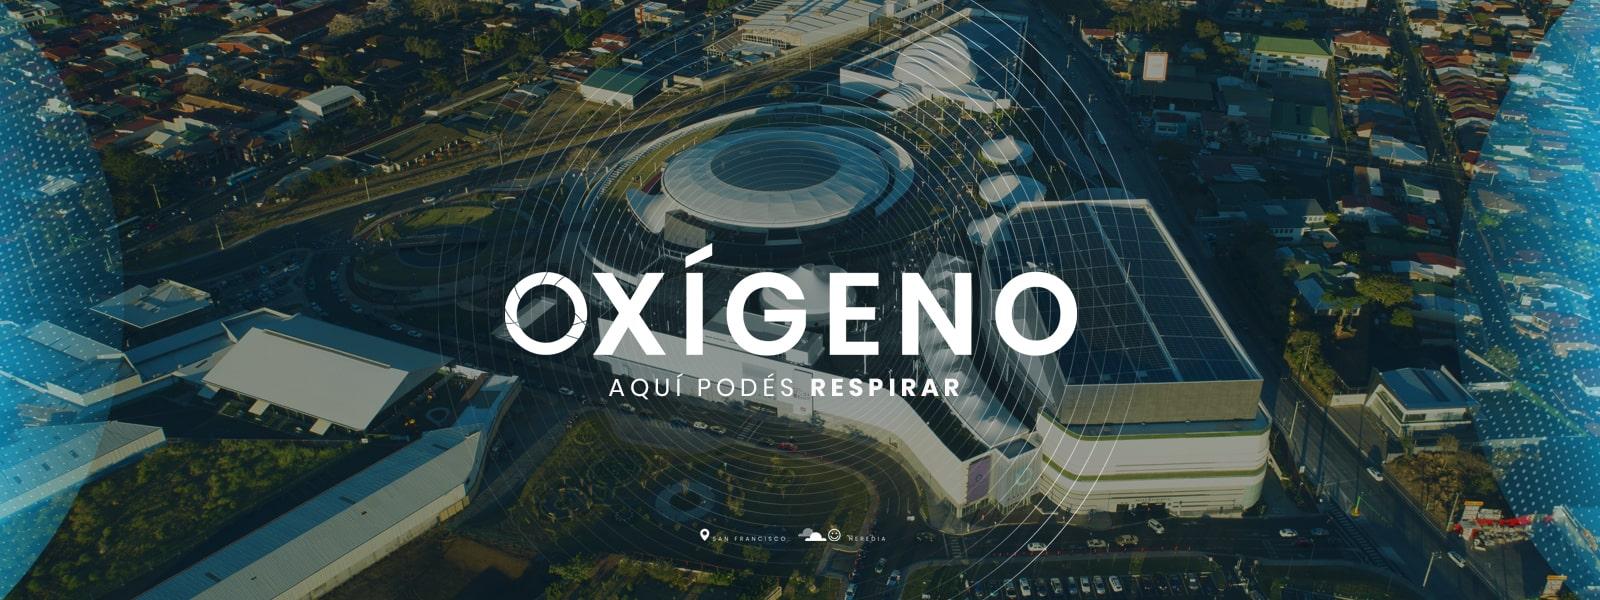 mall oxigeno